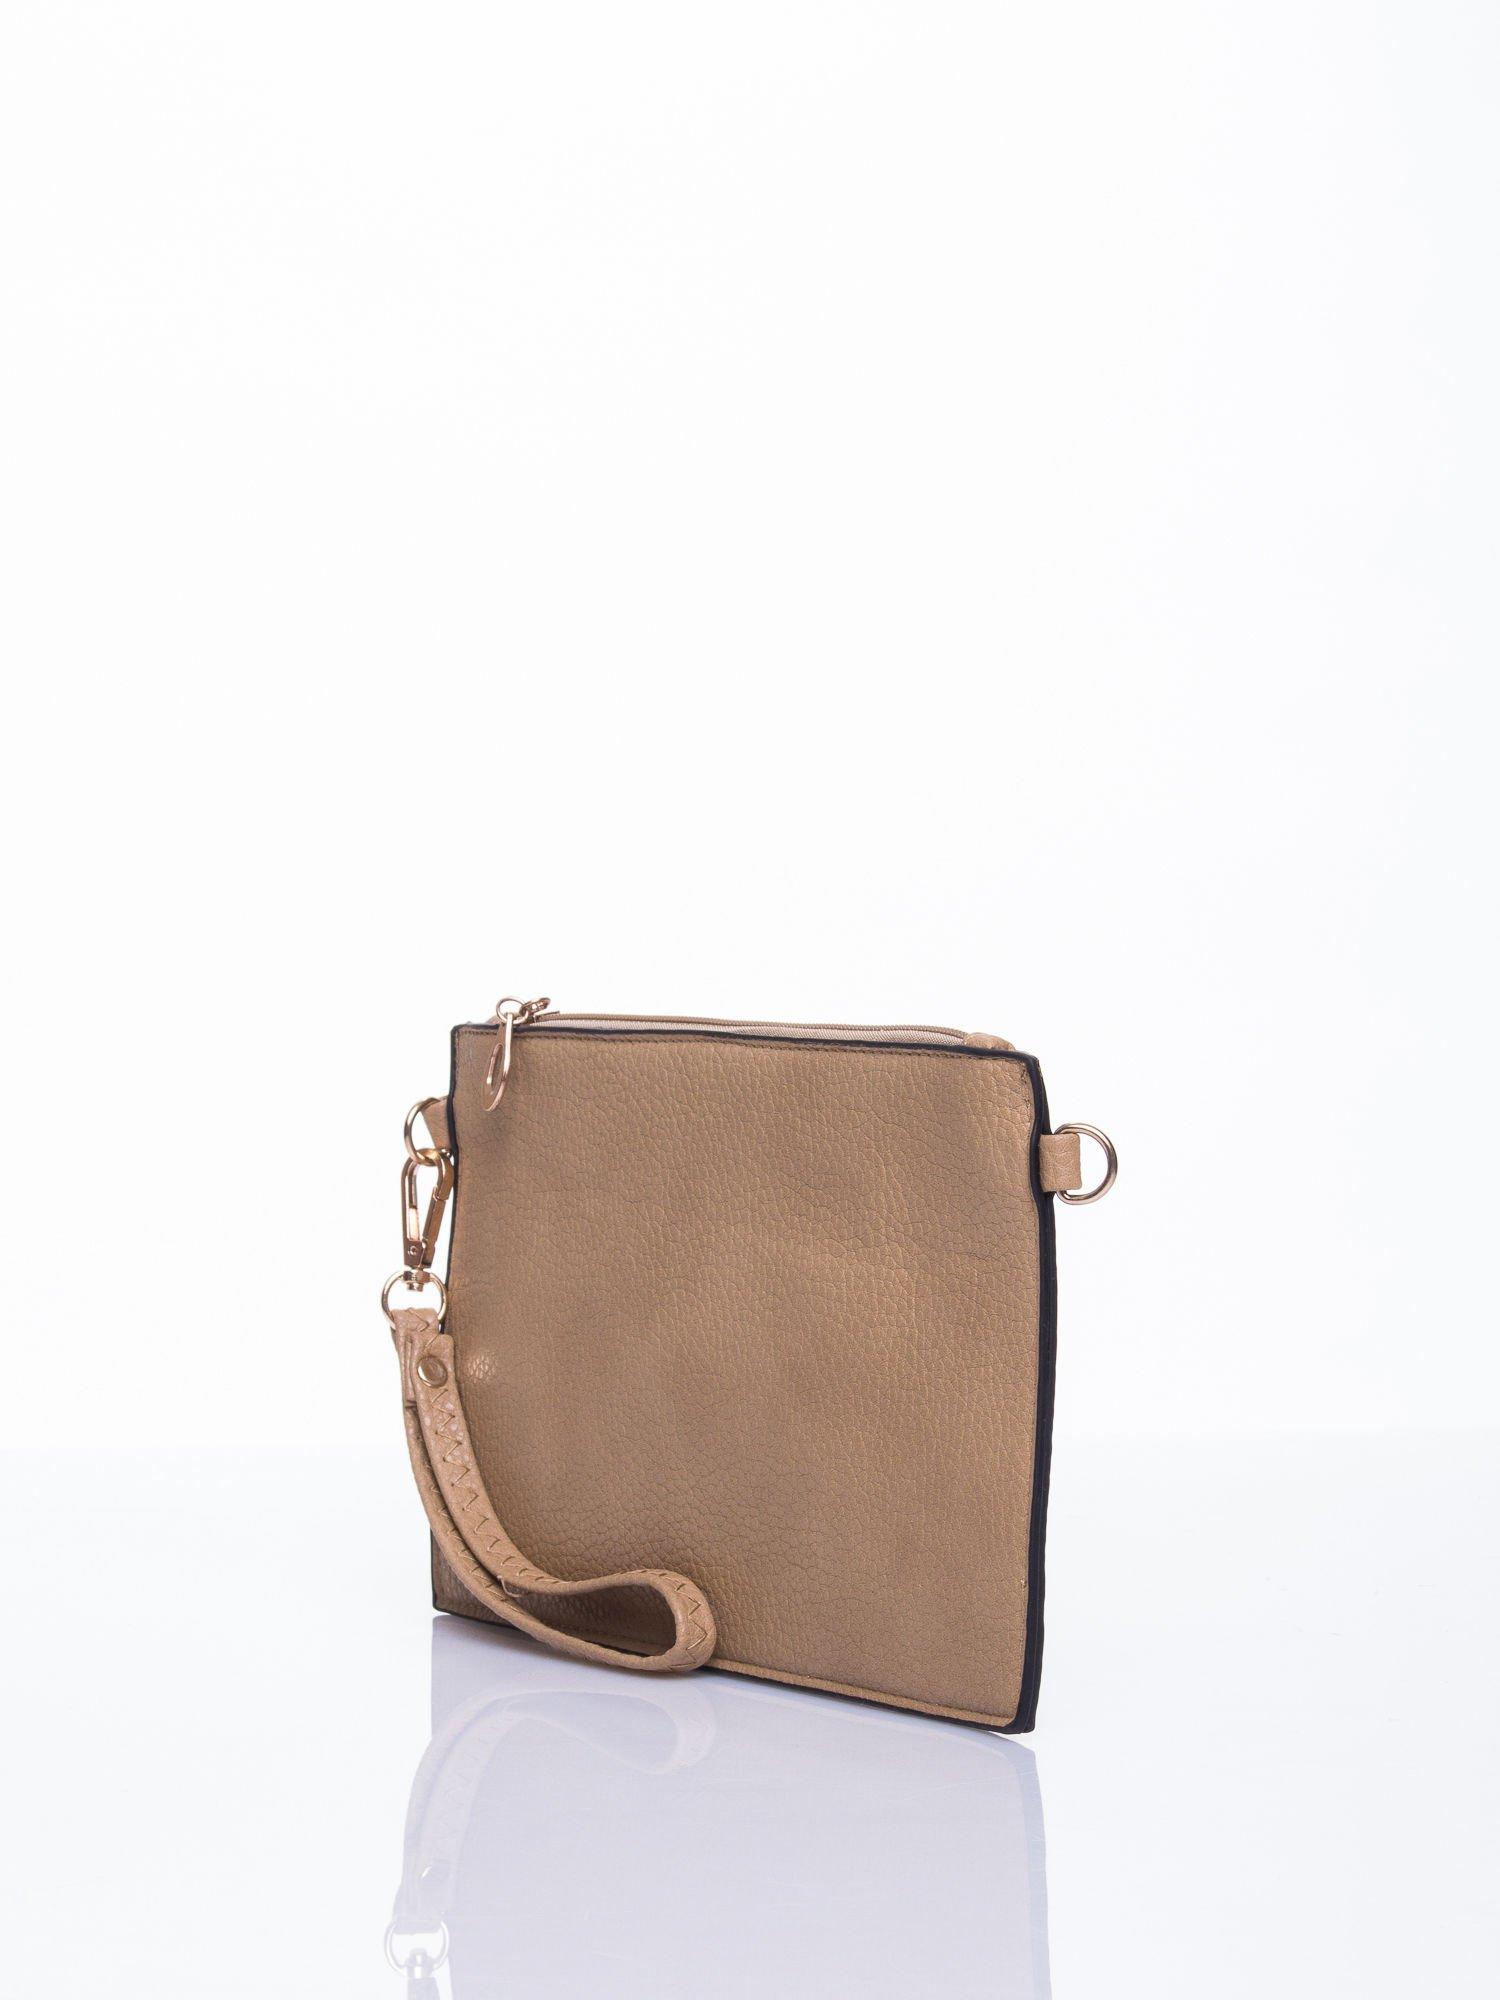 Brązowa prosta przewieszana torebka z uchwytem                                  zdj.                                  3